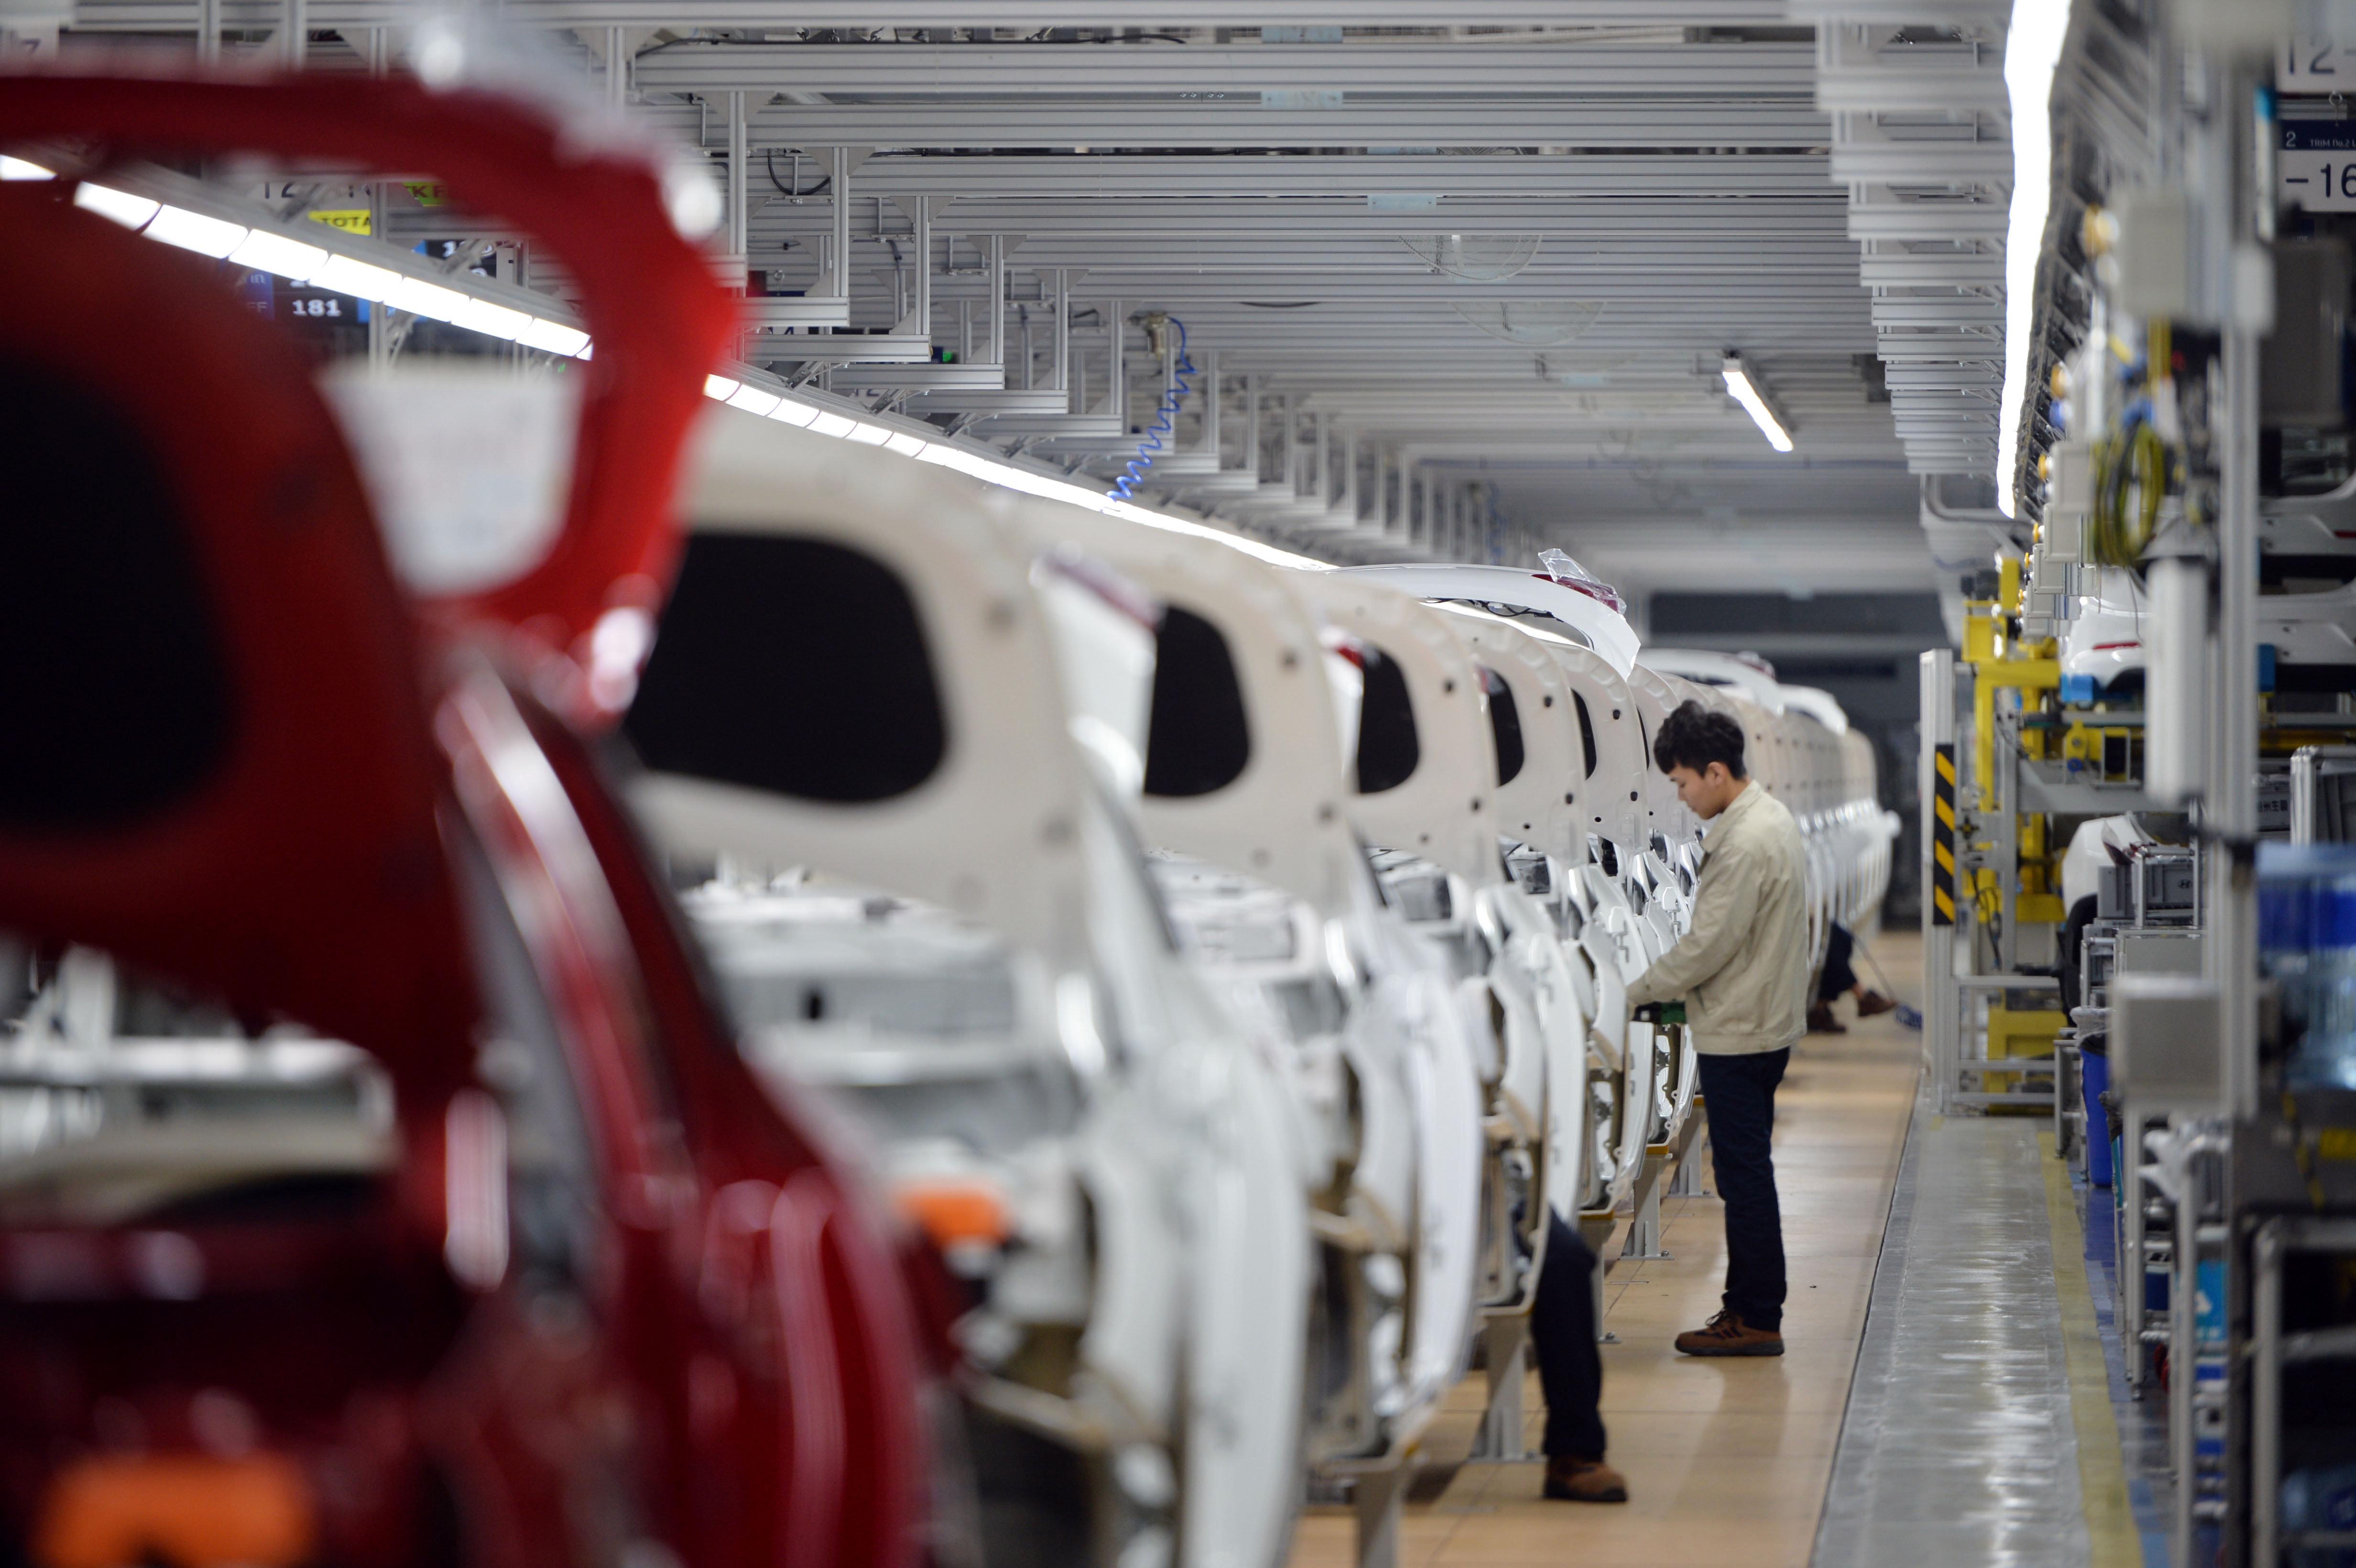 중국 자동차 시장은 '기회의 땅'이었다. 지금은 '재앙'이